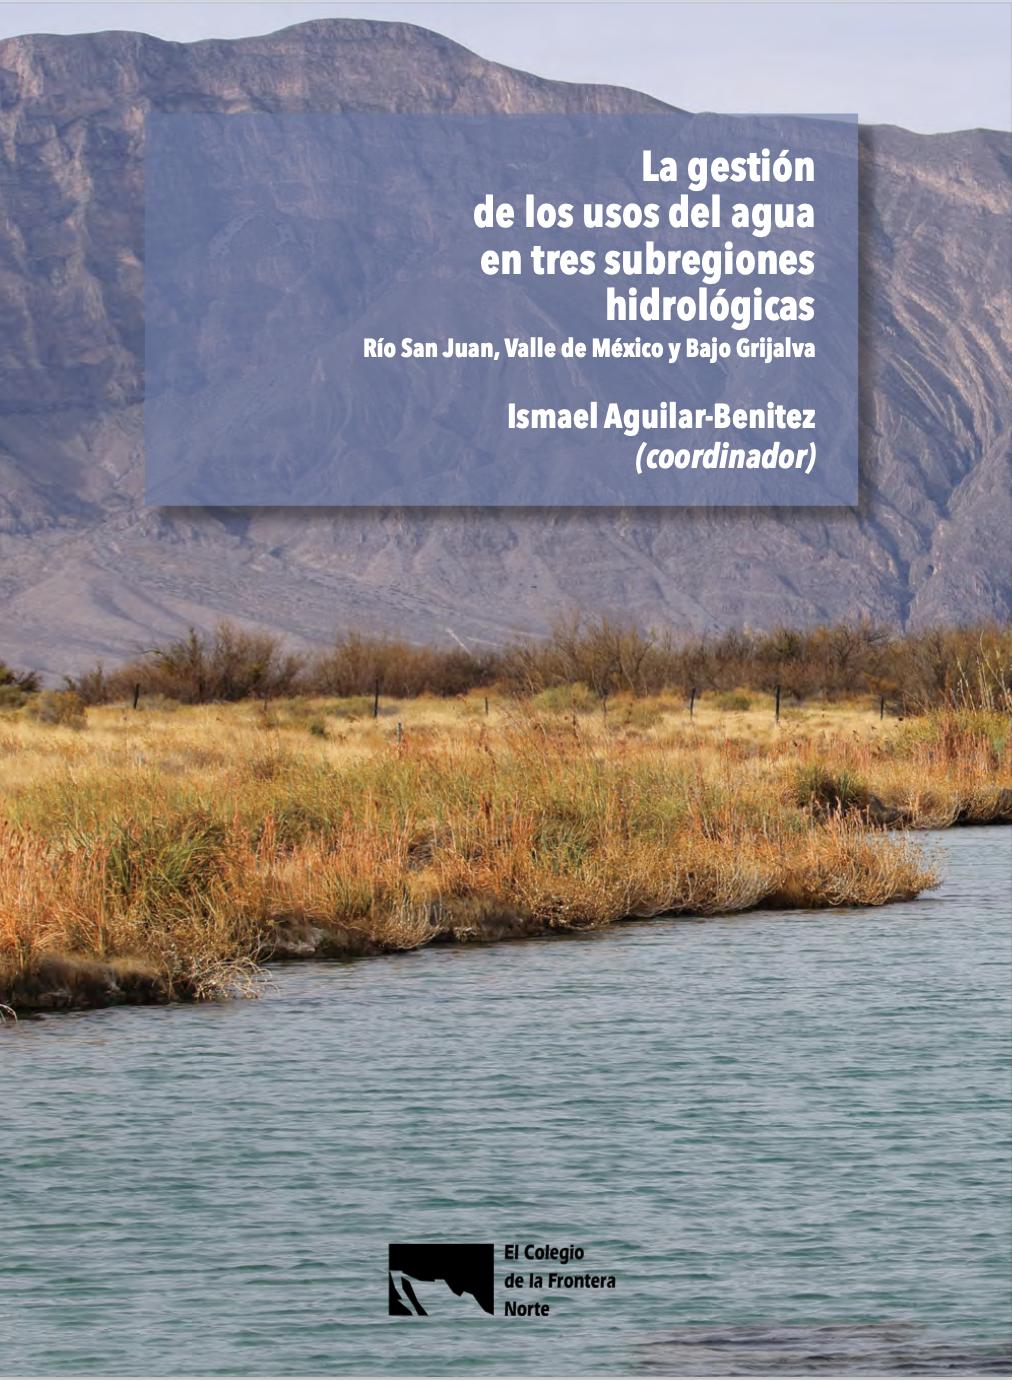 La gestión de los usos del agua en tres subregiones hidrológicas: Río San Juan, Valle de México y Bajo Grijalva